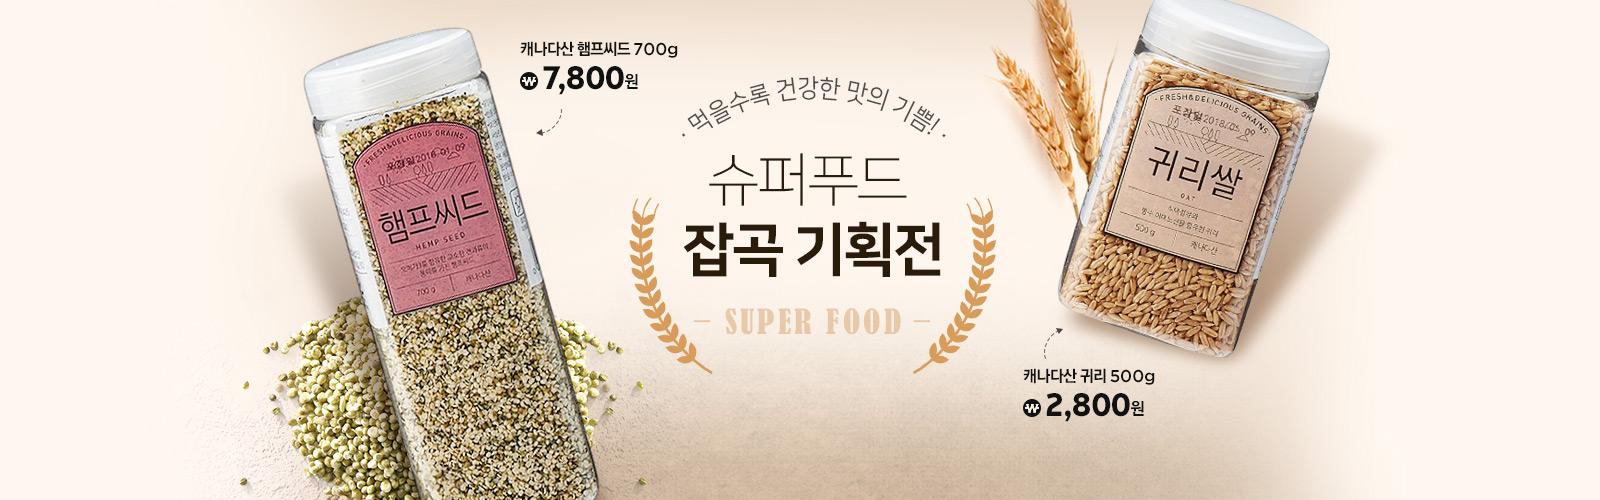 먹을수록 건강한 맛의 기쁨!  슈퍼푸드 잡곡 기확전  캐나다산 햄프씨드 700g 7,800원 캐나다산 귀리 500g 2,800원